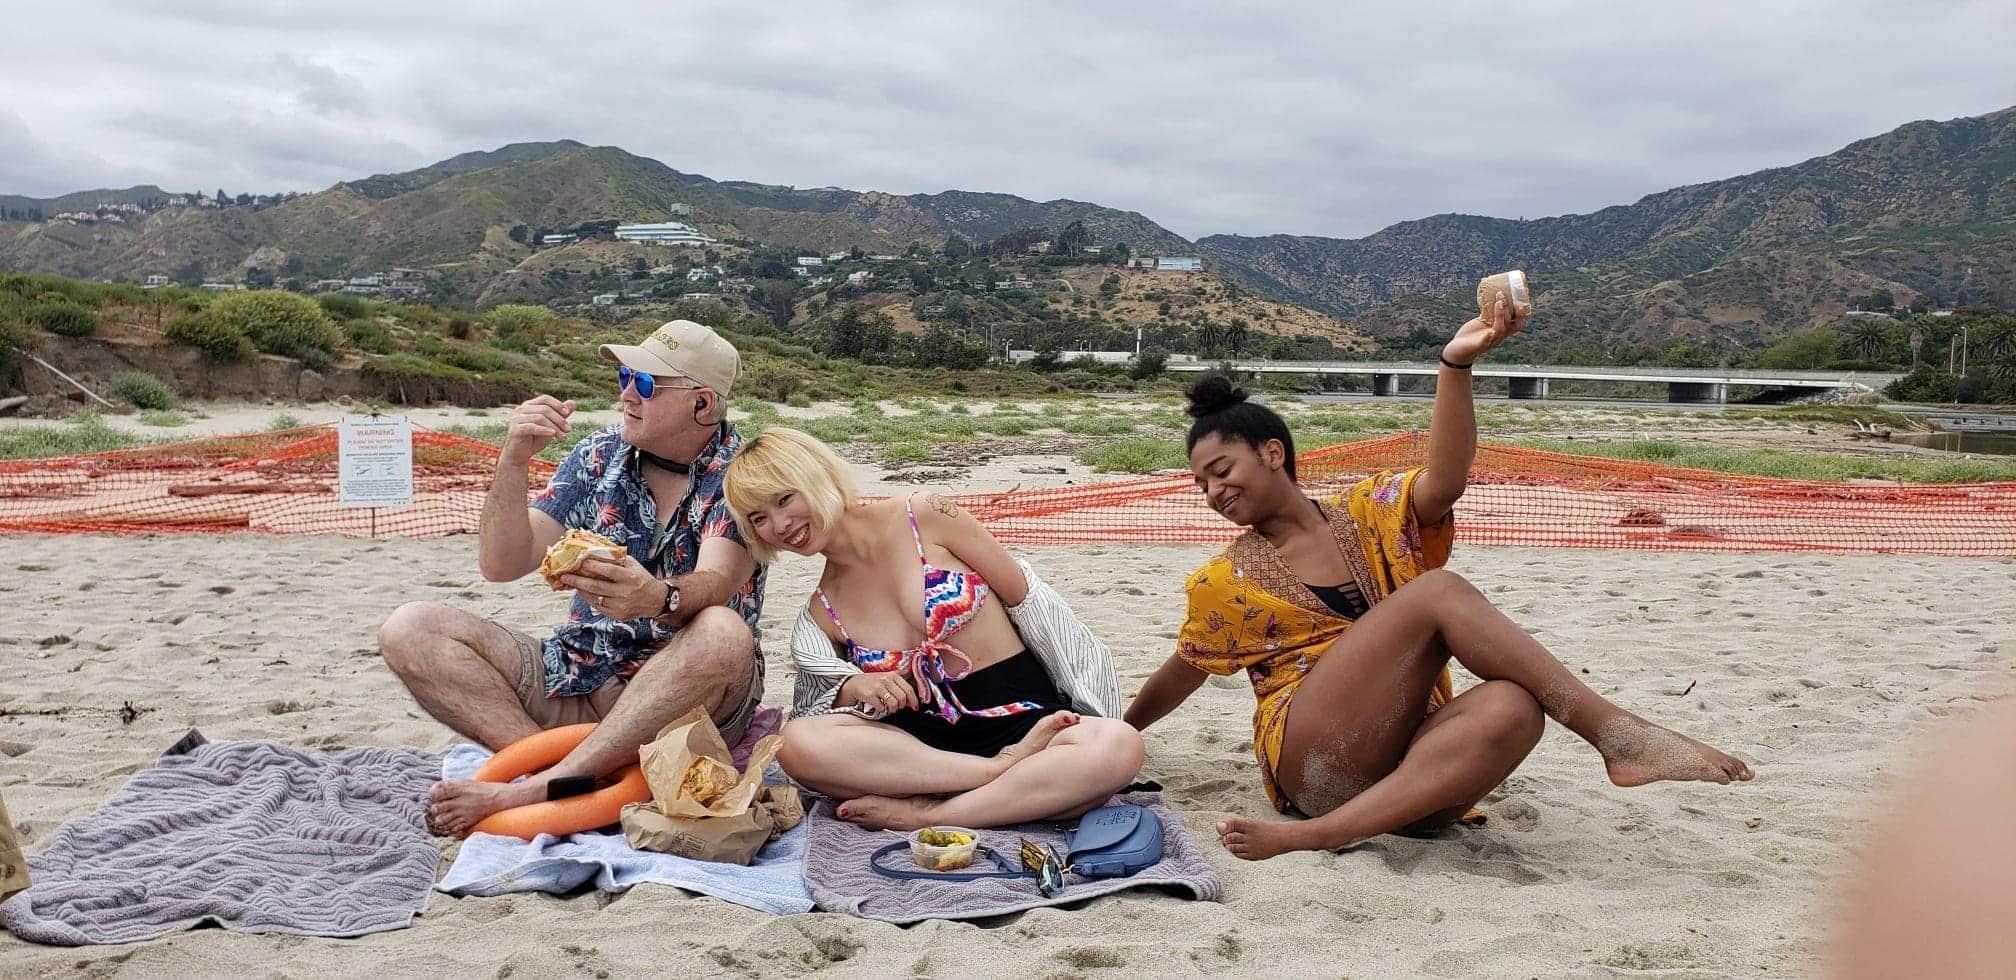 JB Team at the Beach